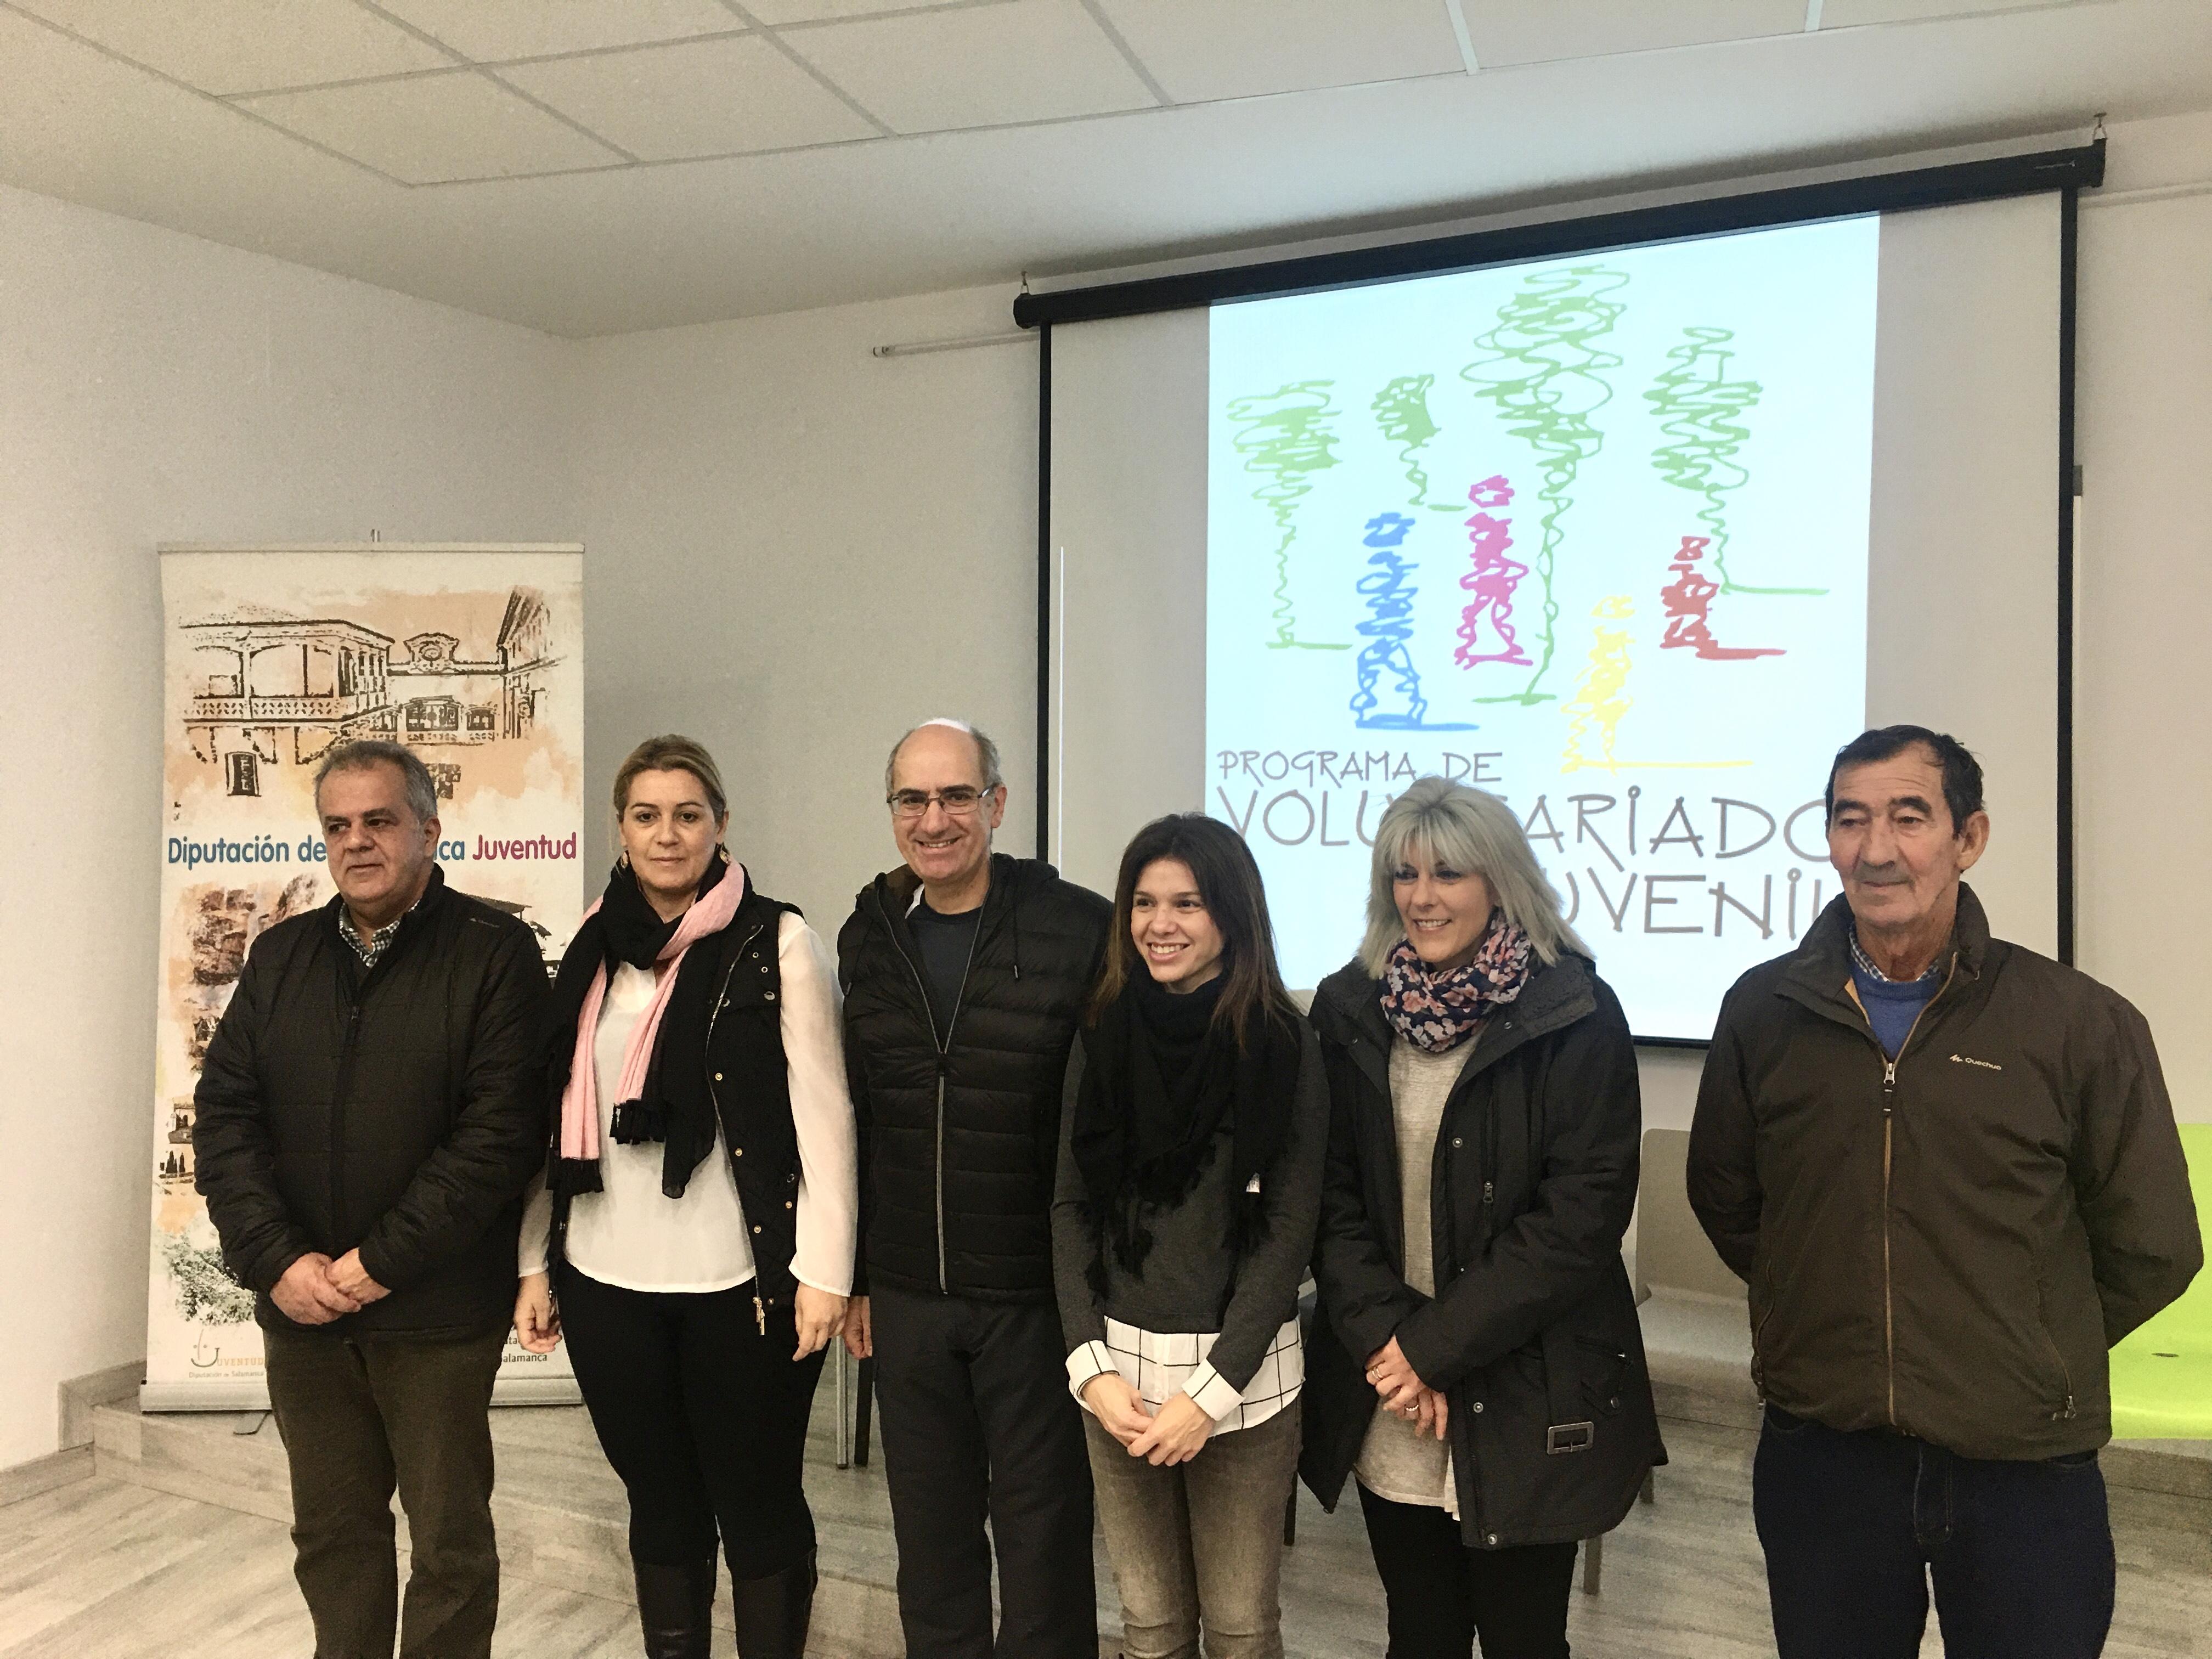 Concluye el 8º Voluntariado Verde de la Universidad y la Diputación de Salamanca con la inauguración de la nueva ruta de senderismo 'Viviendo el Tormes'